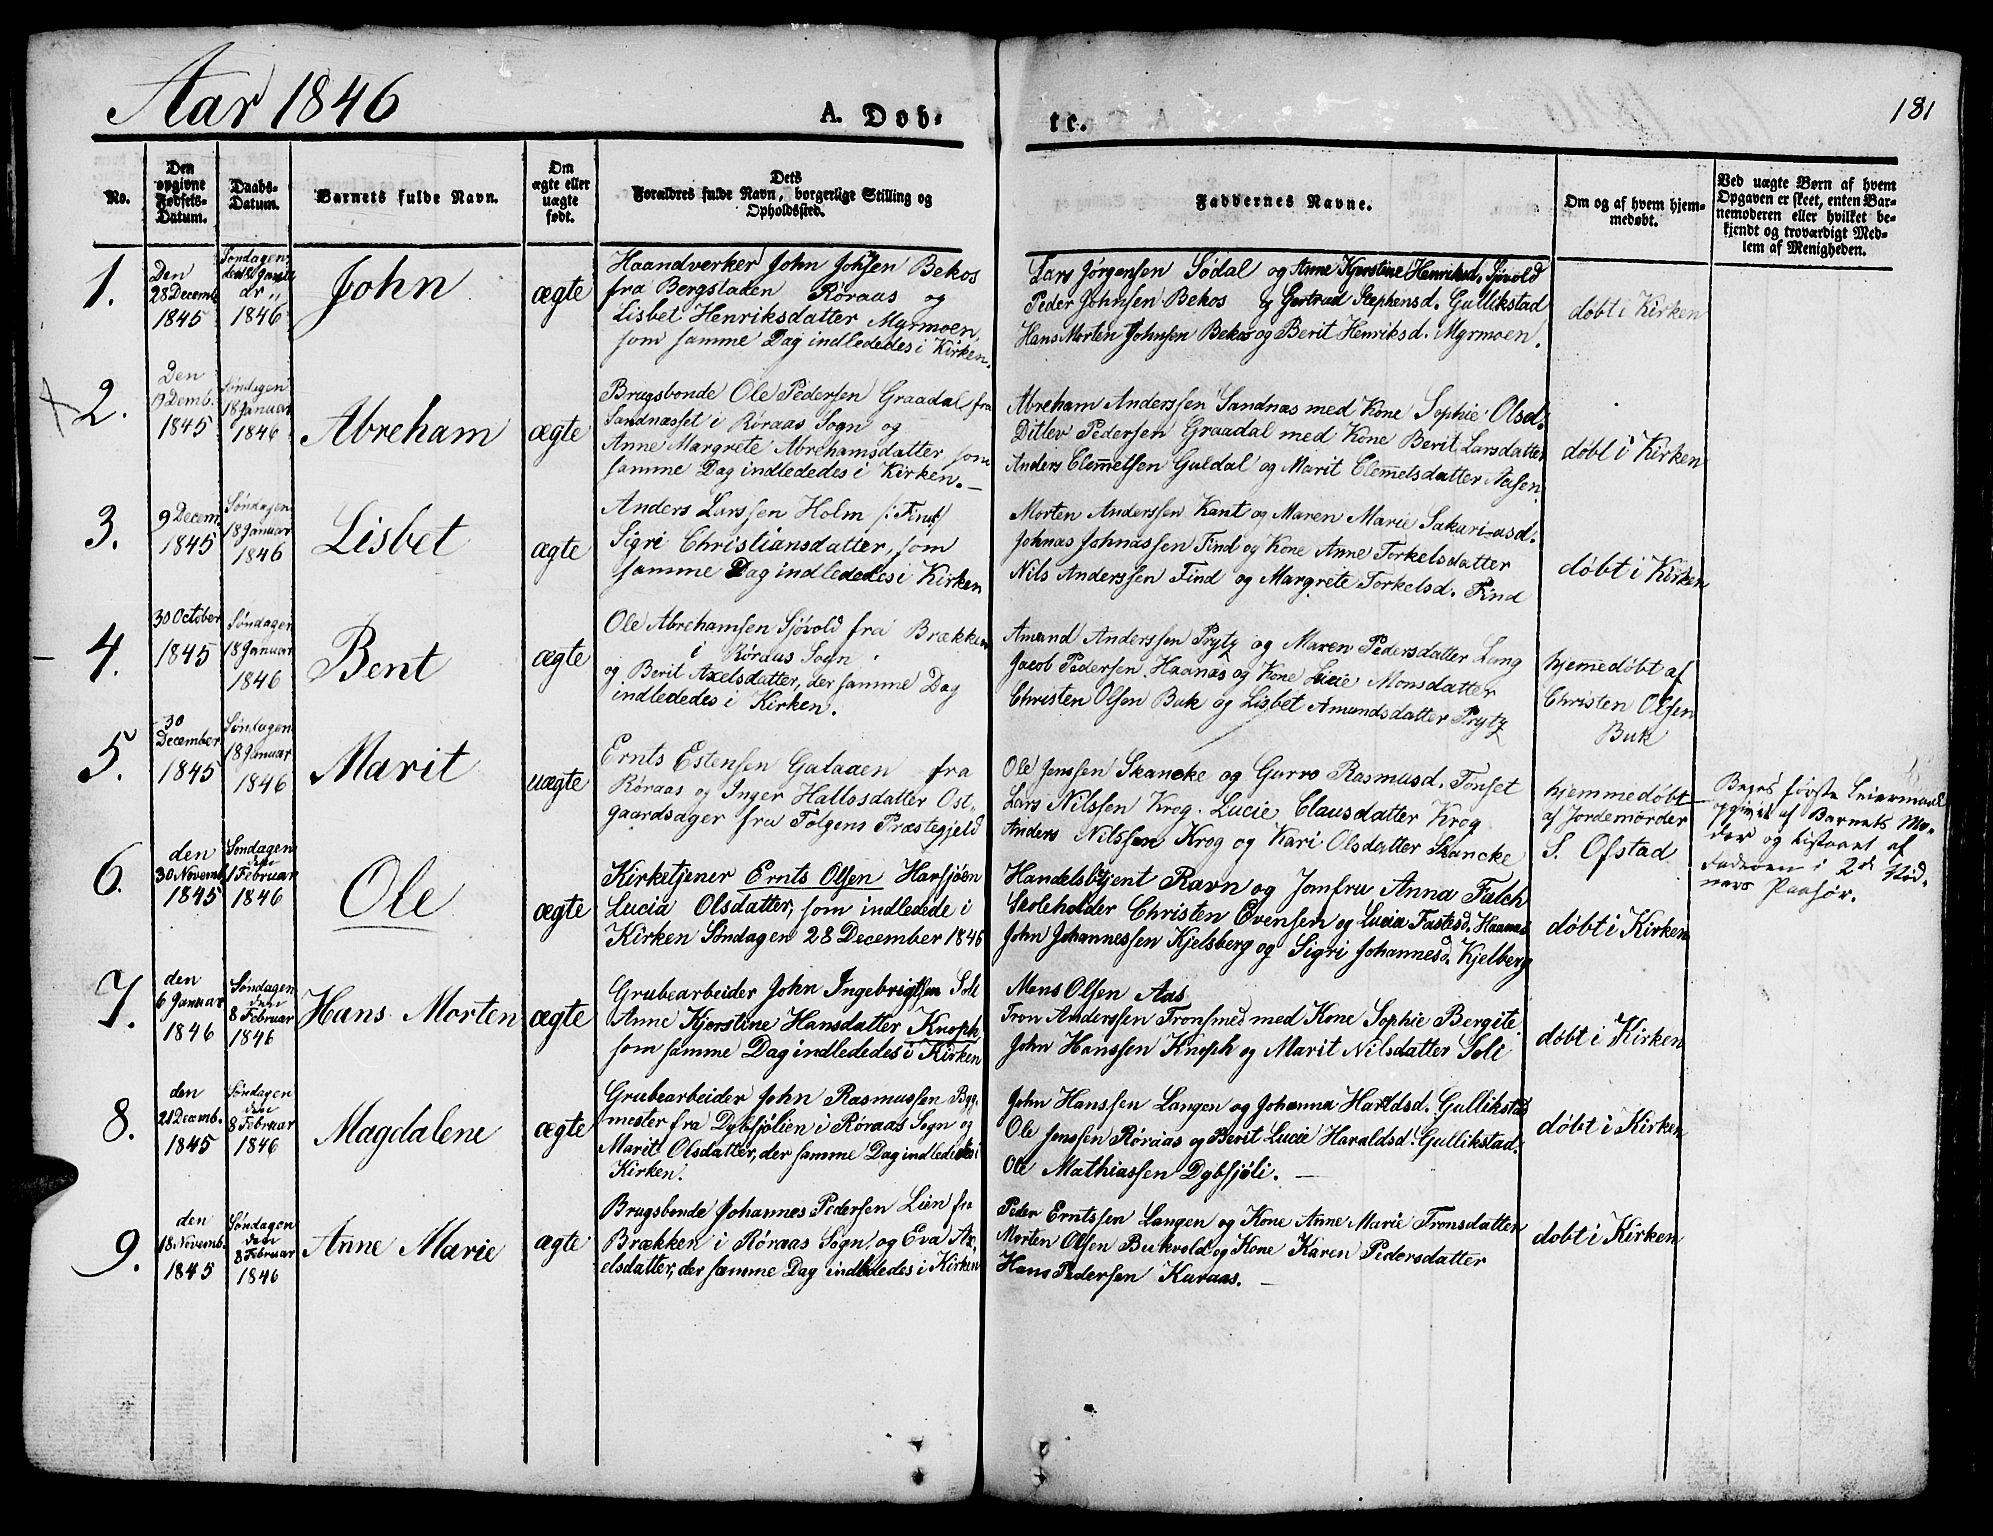 SAT, Ministerialprotokoller, klokkerbøker og fødselsregistre - Sør-Trøndelag, 681/L0938: Klokkerbok nr. 681C02, 1829-1879, s. 181